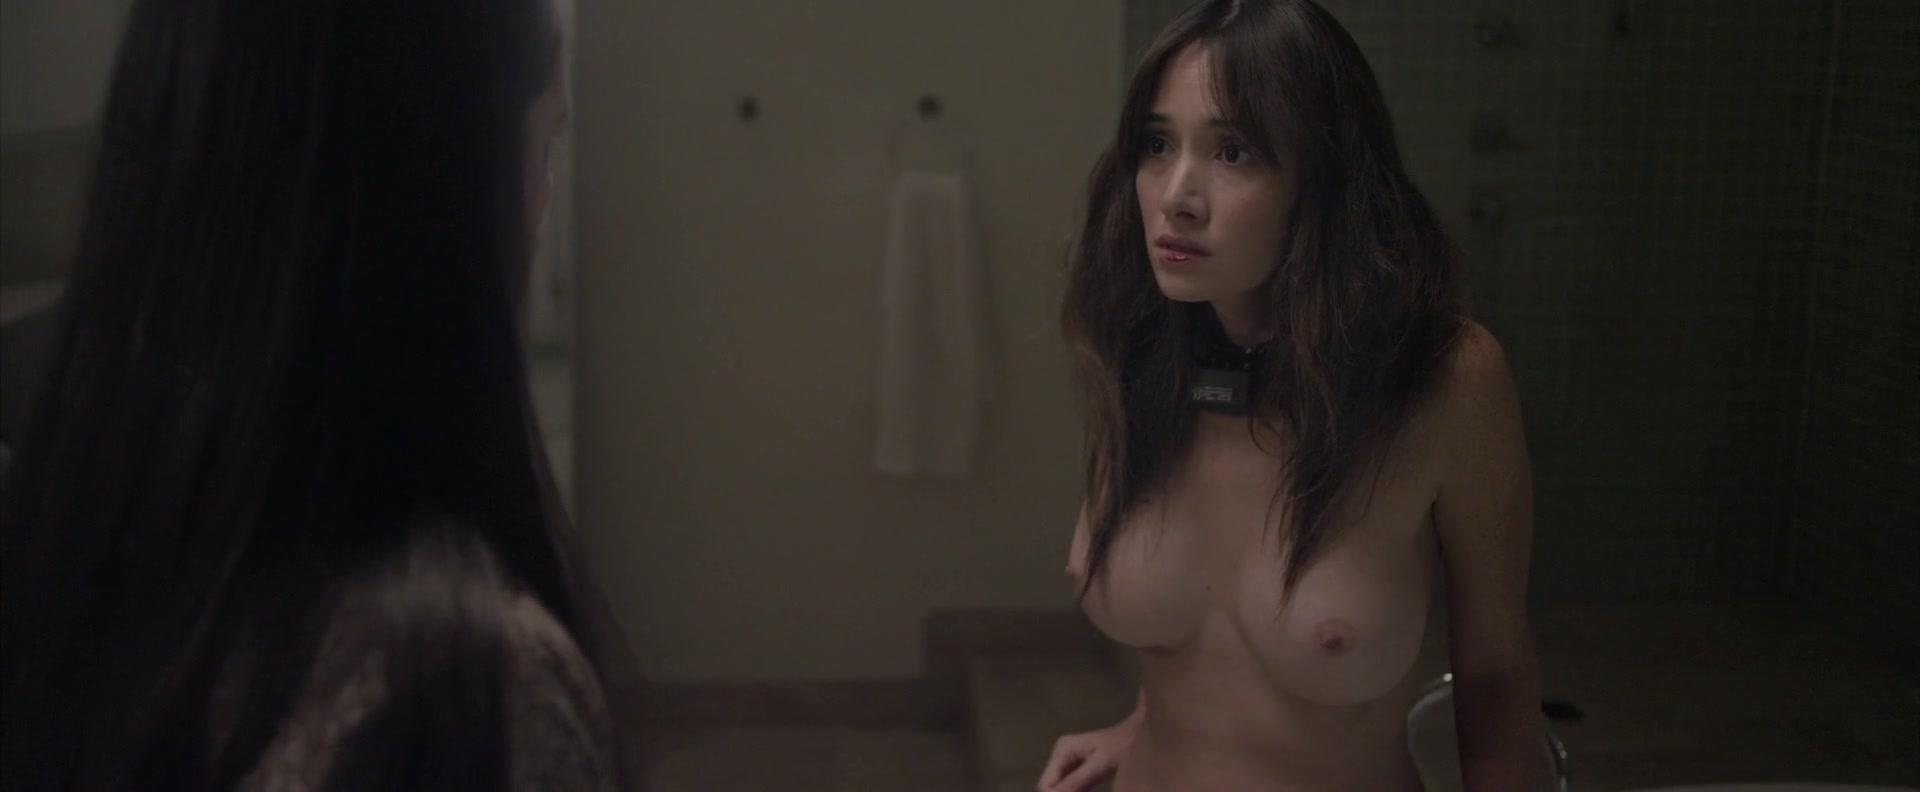 Sara malakul lane nude